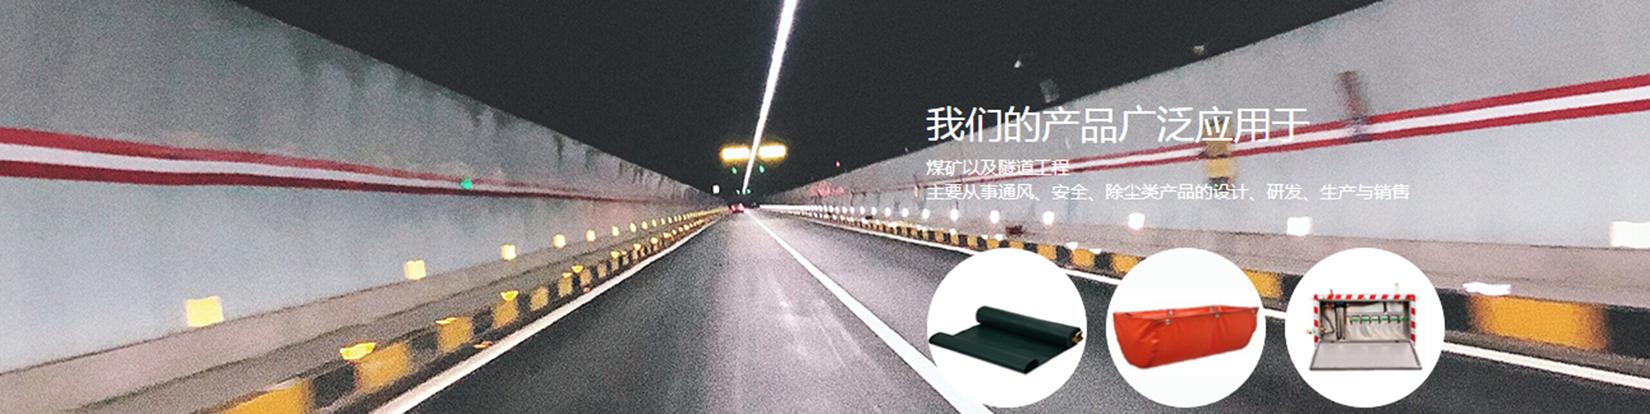 阜宁县泰达通防五金厂